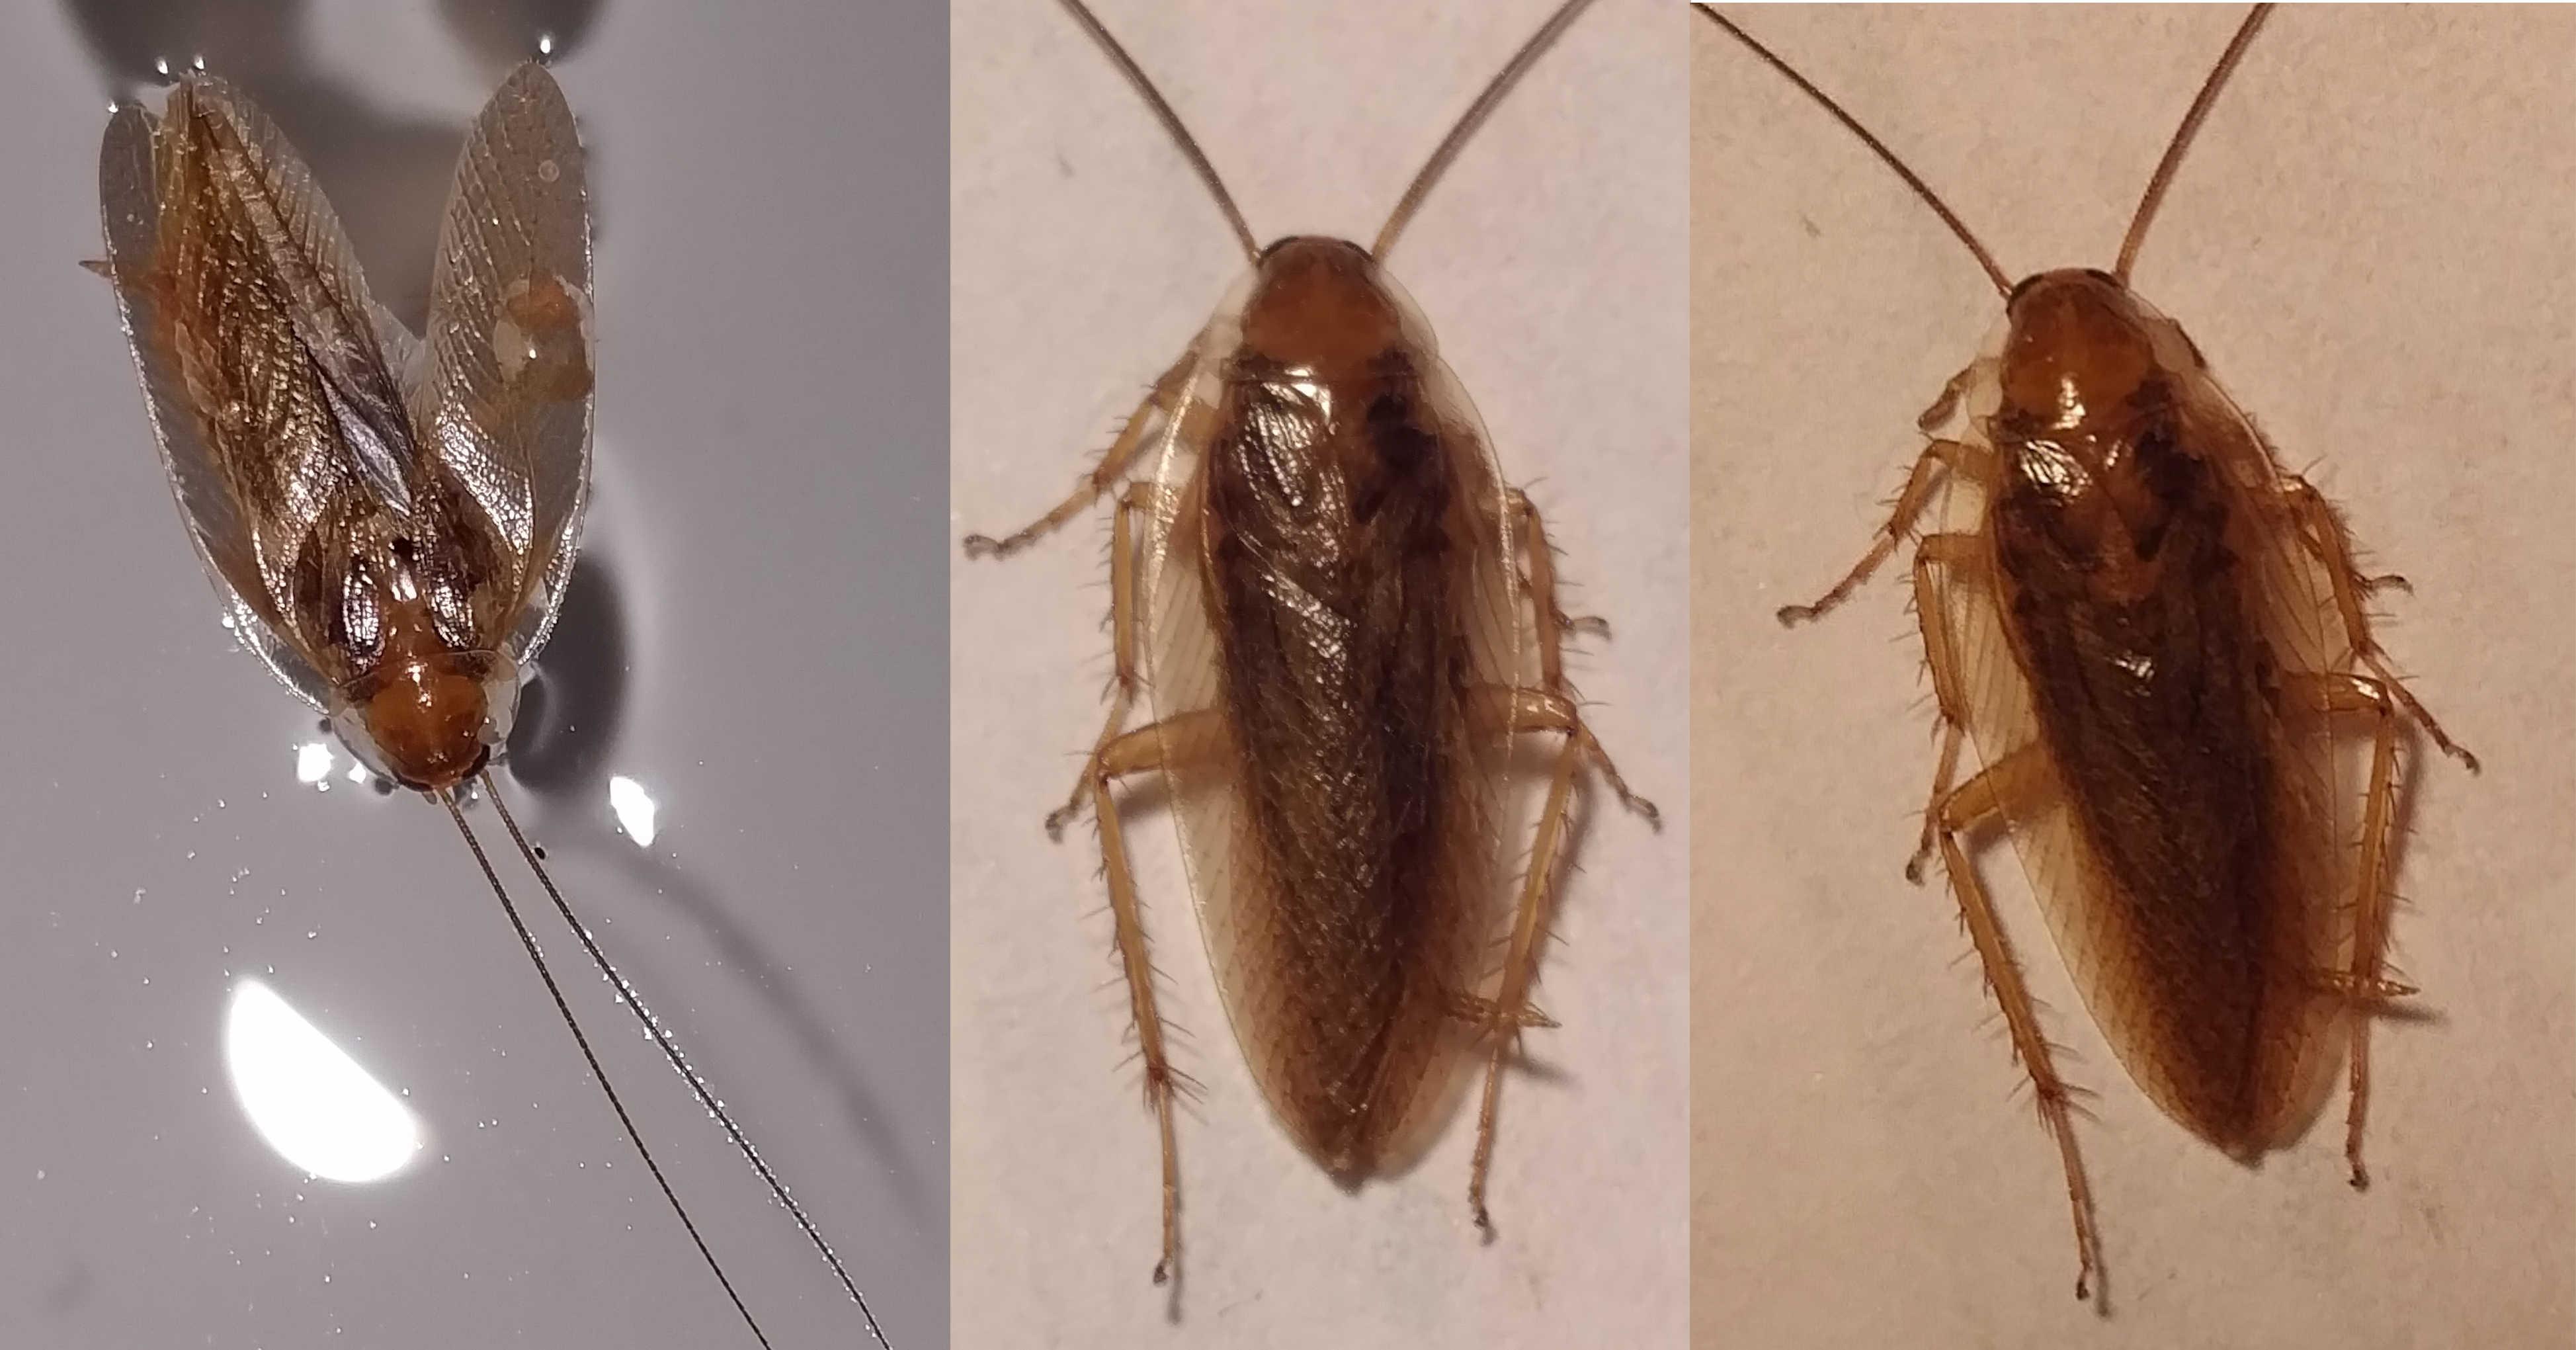 Kuchenschabe Oder Nicht Siehe Foto Tiere Haushalt Insekten